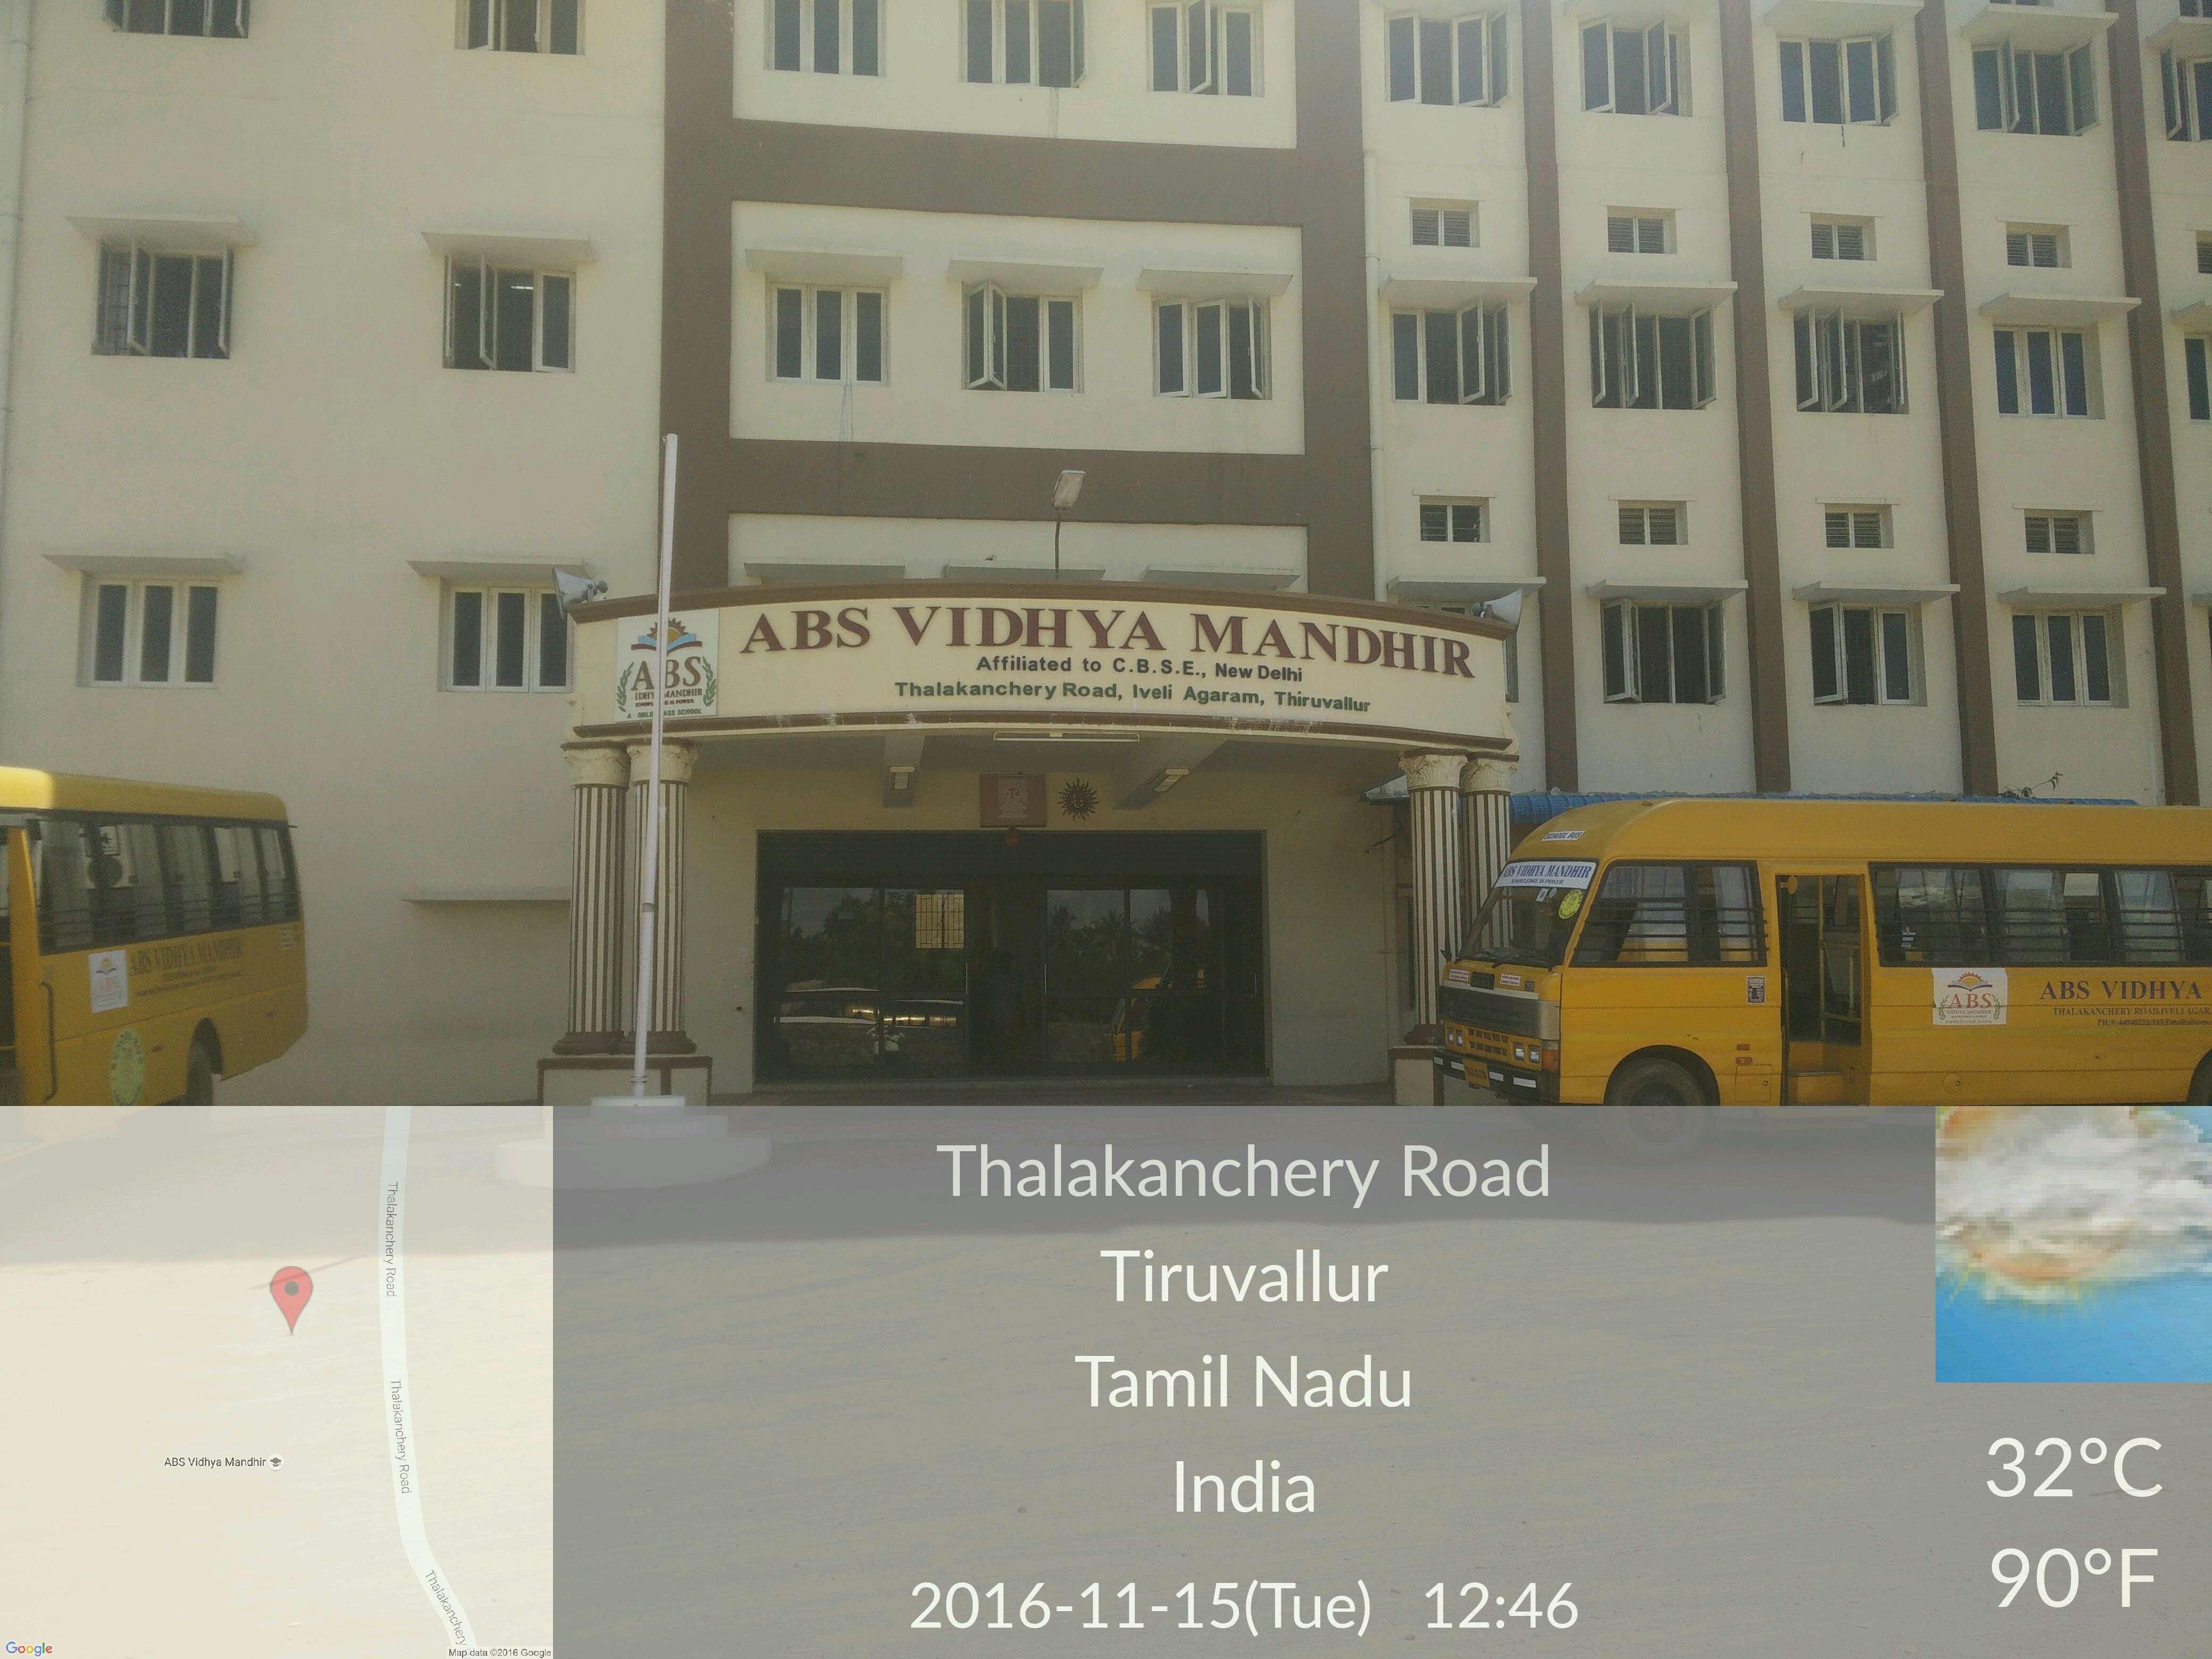 ABS VIDHYA MANDHIR Thalakancherry Road Iveli Agaram Thiruvallur 1930290